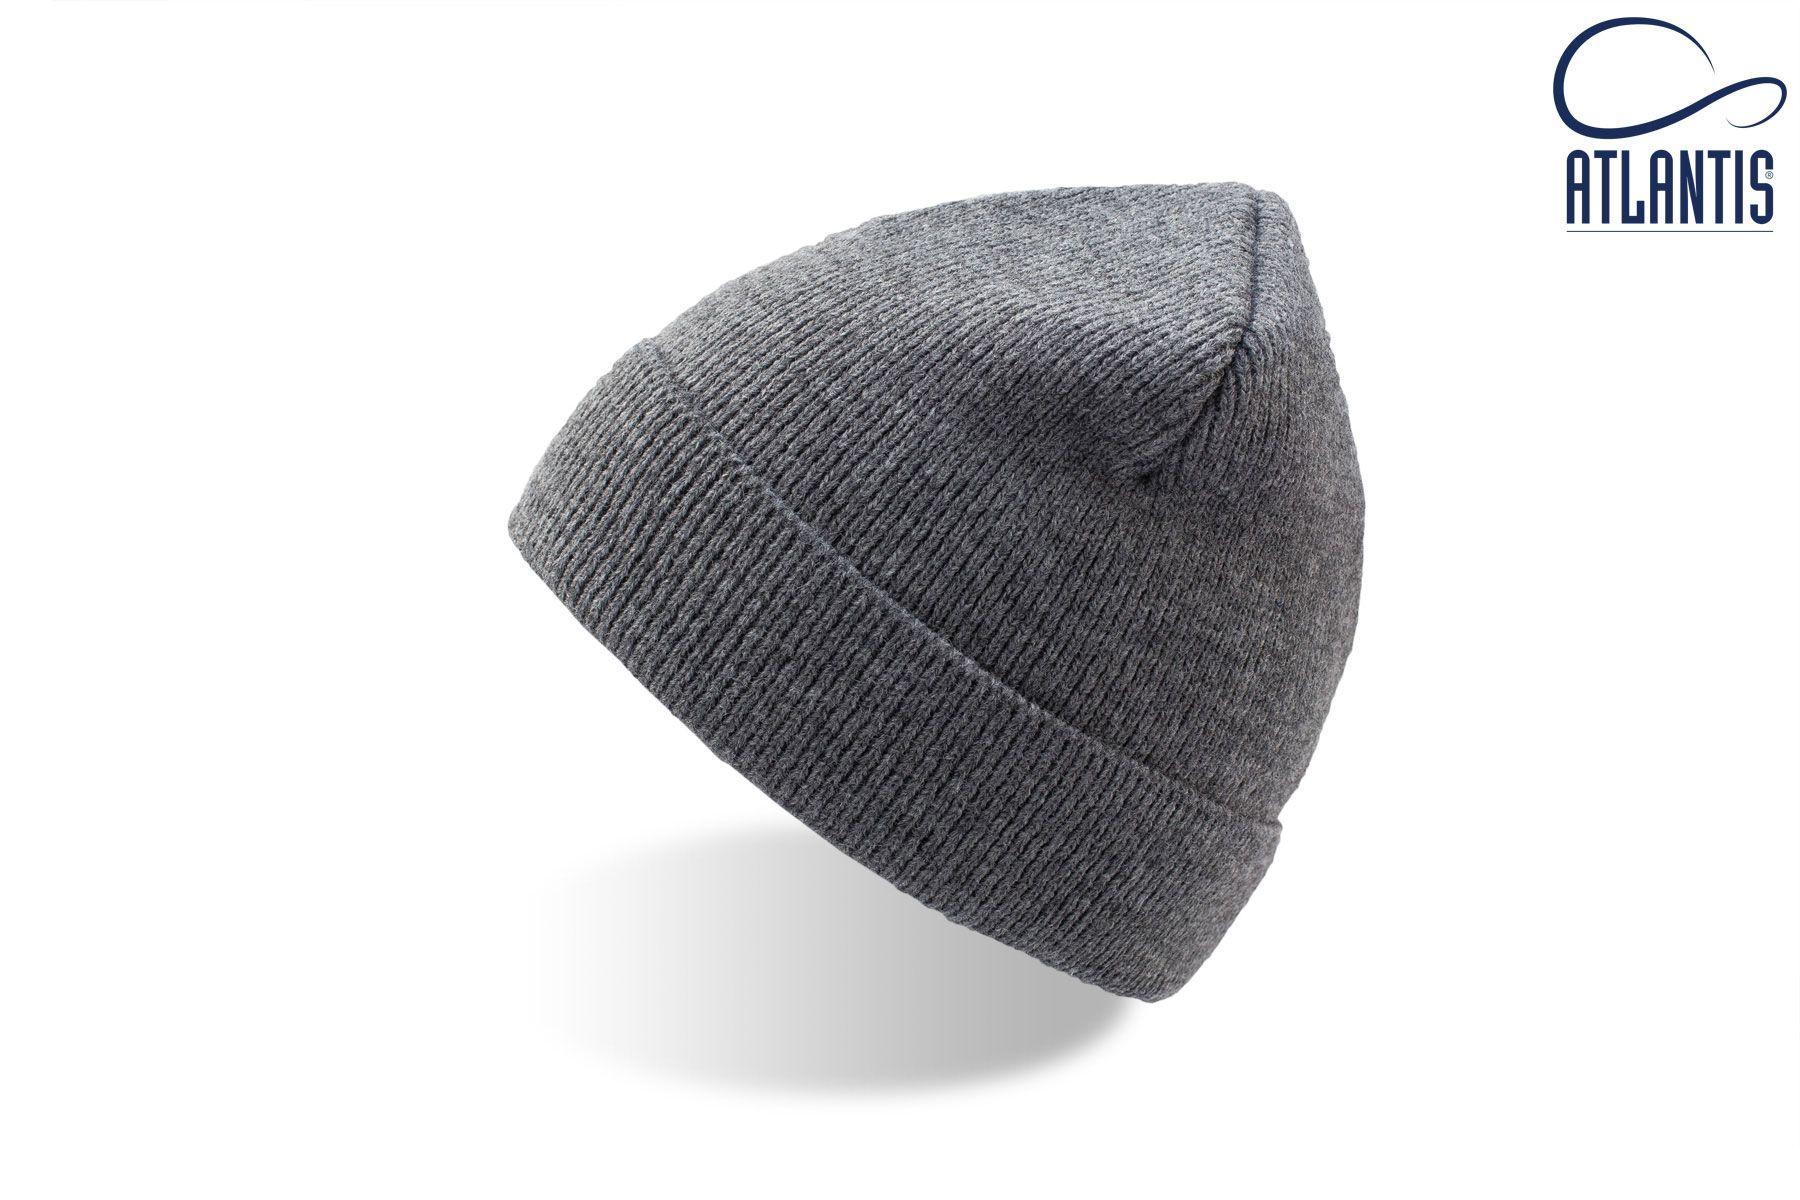 2525fc77ddf DOLOMITI cap - beanie made in italy - 80% acrylic 15% wool 5 ...